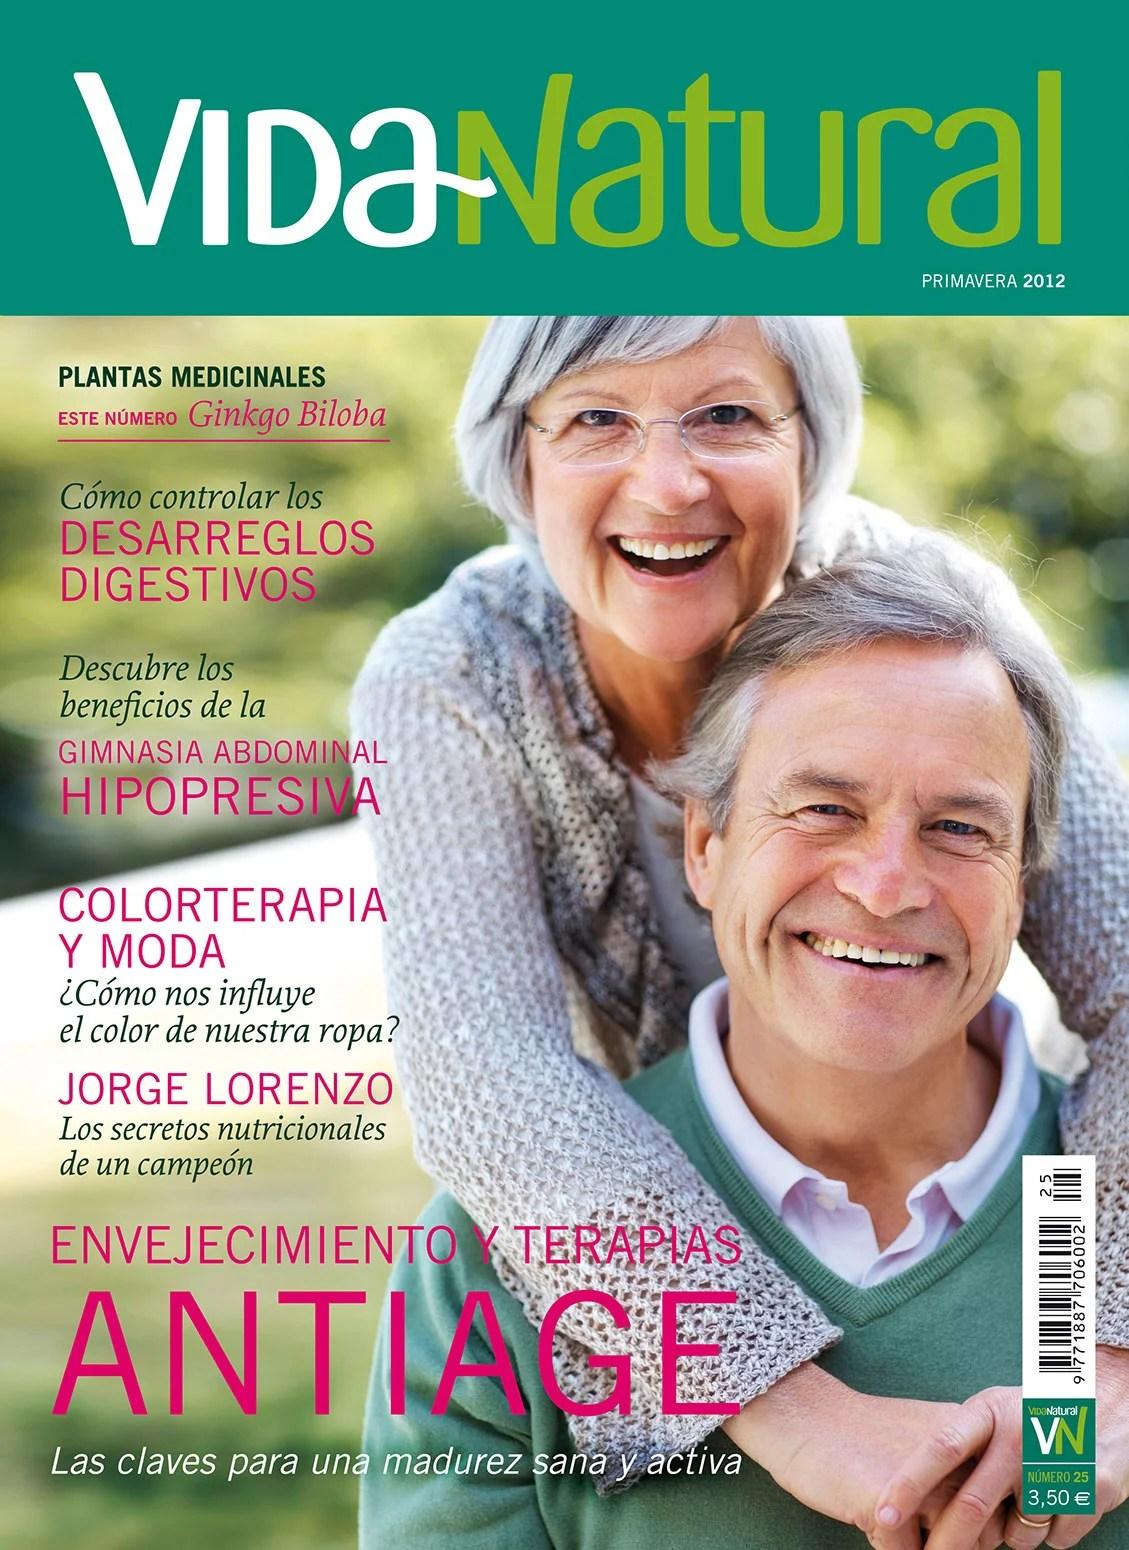 Revista Vida Natural nº 25